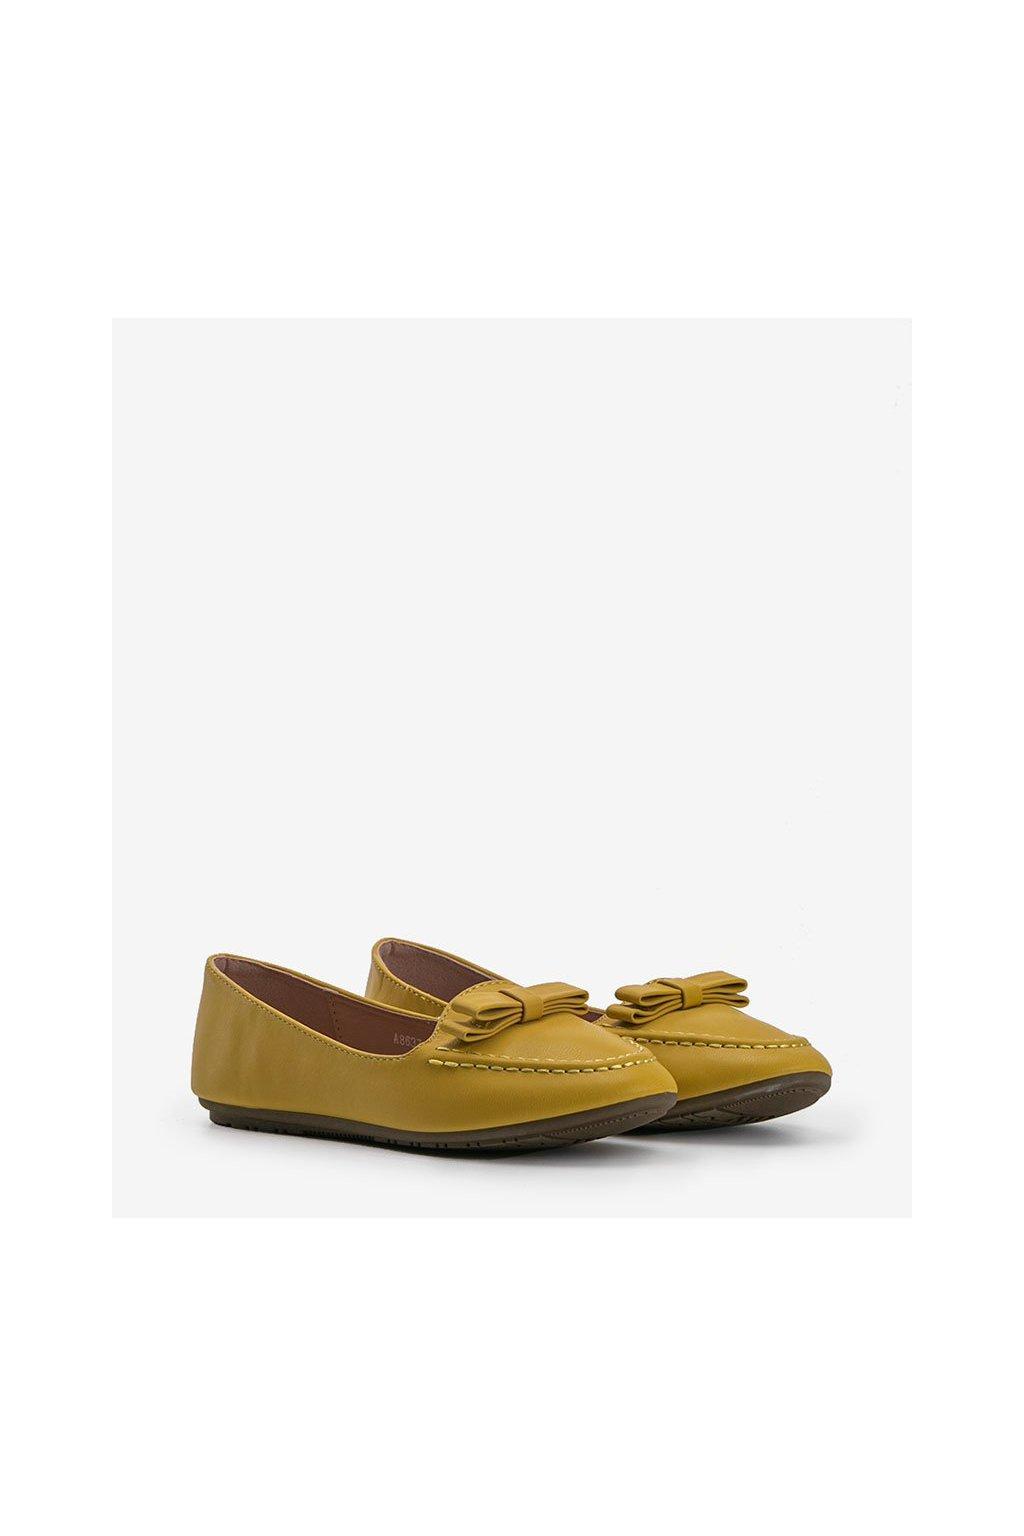 Dámske topánky mokasíny žlté kód A8637 - GM